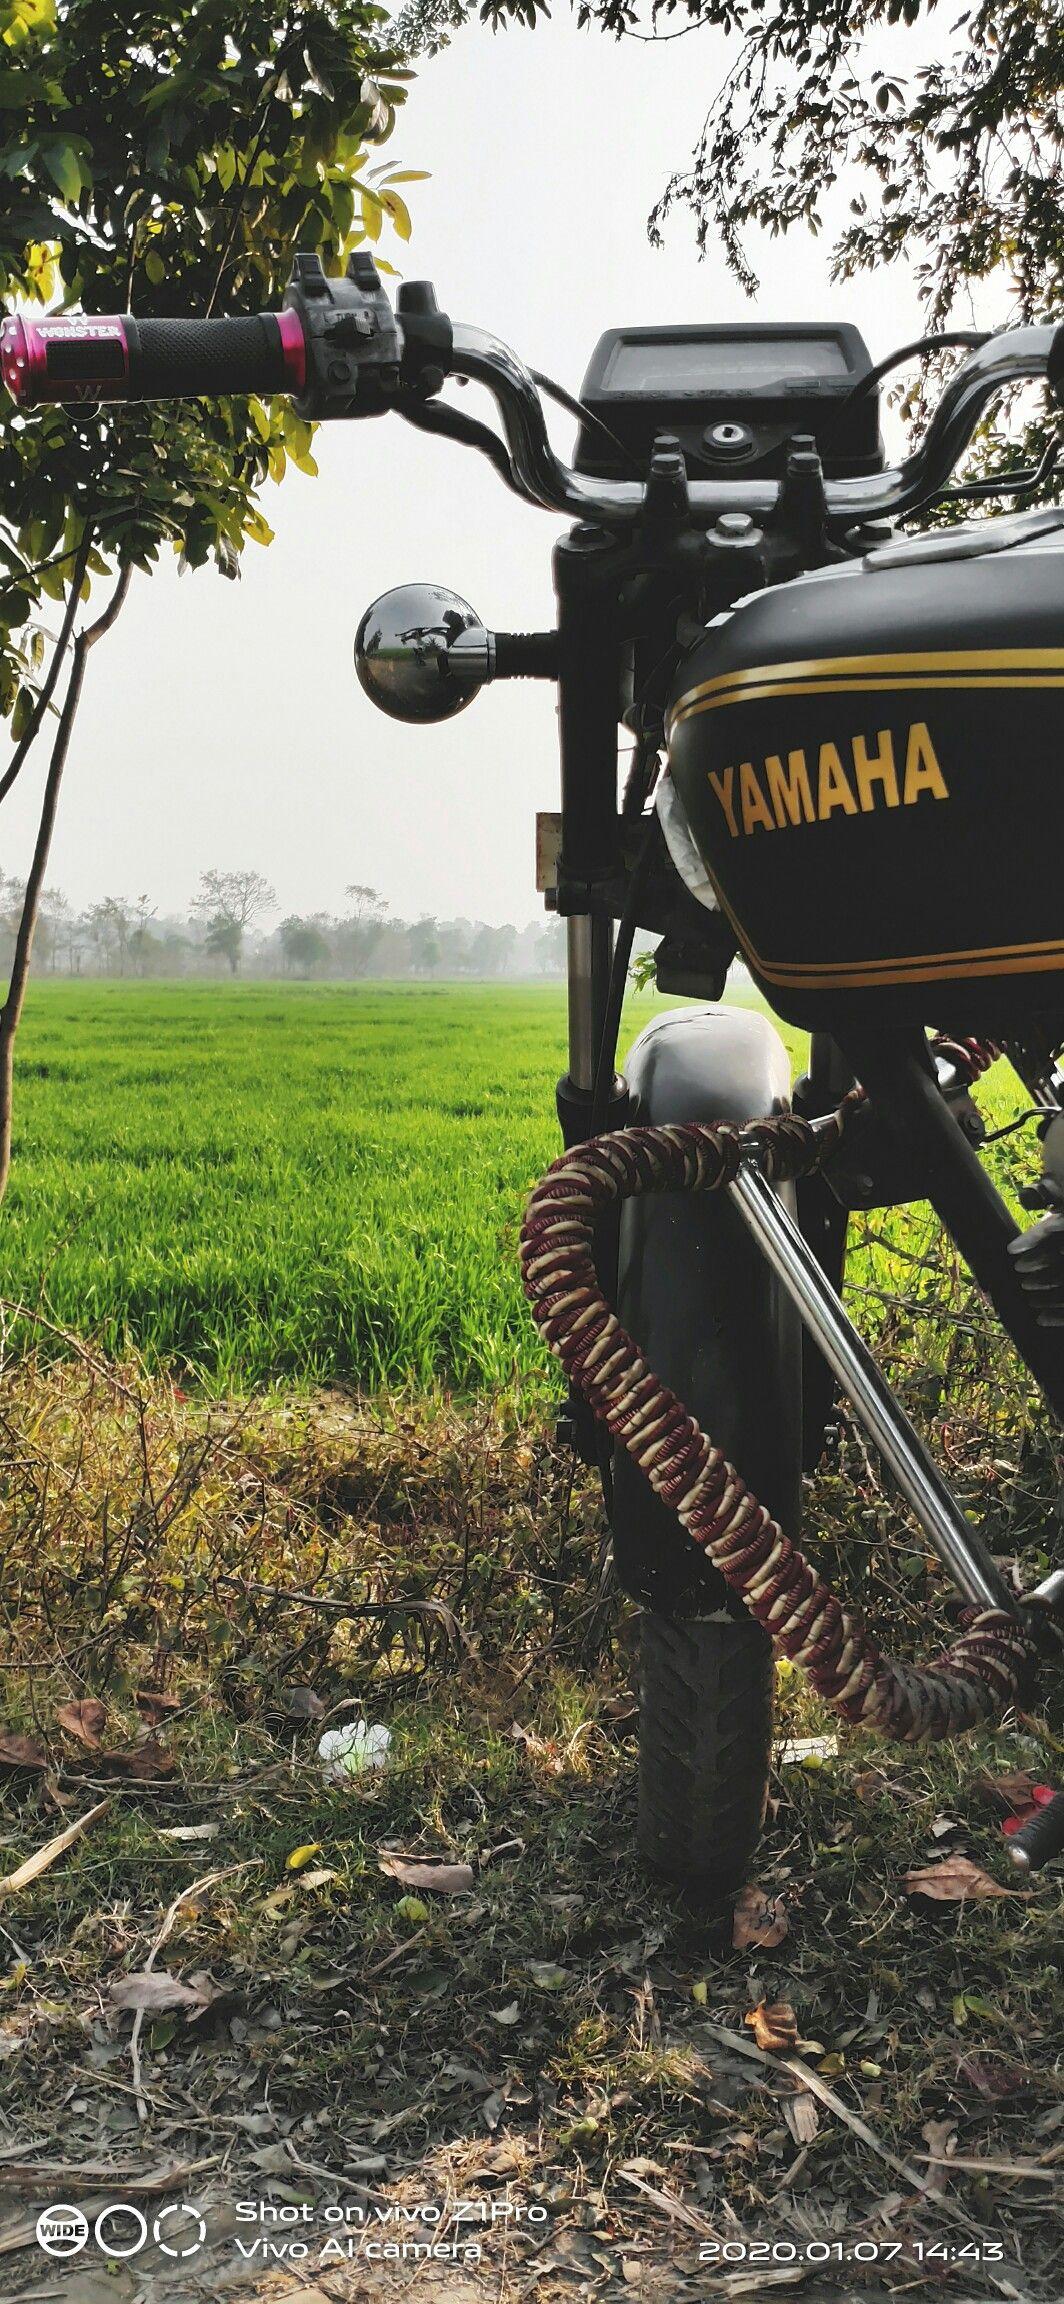 Pin On Yamaha